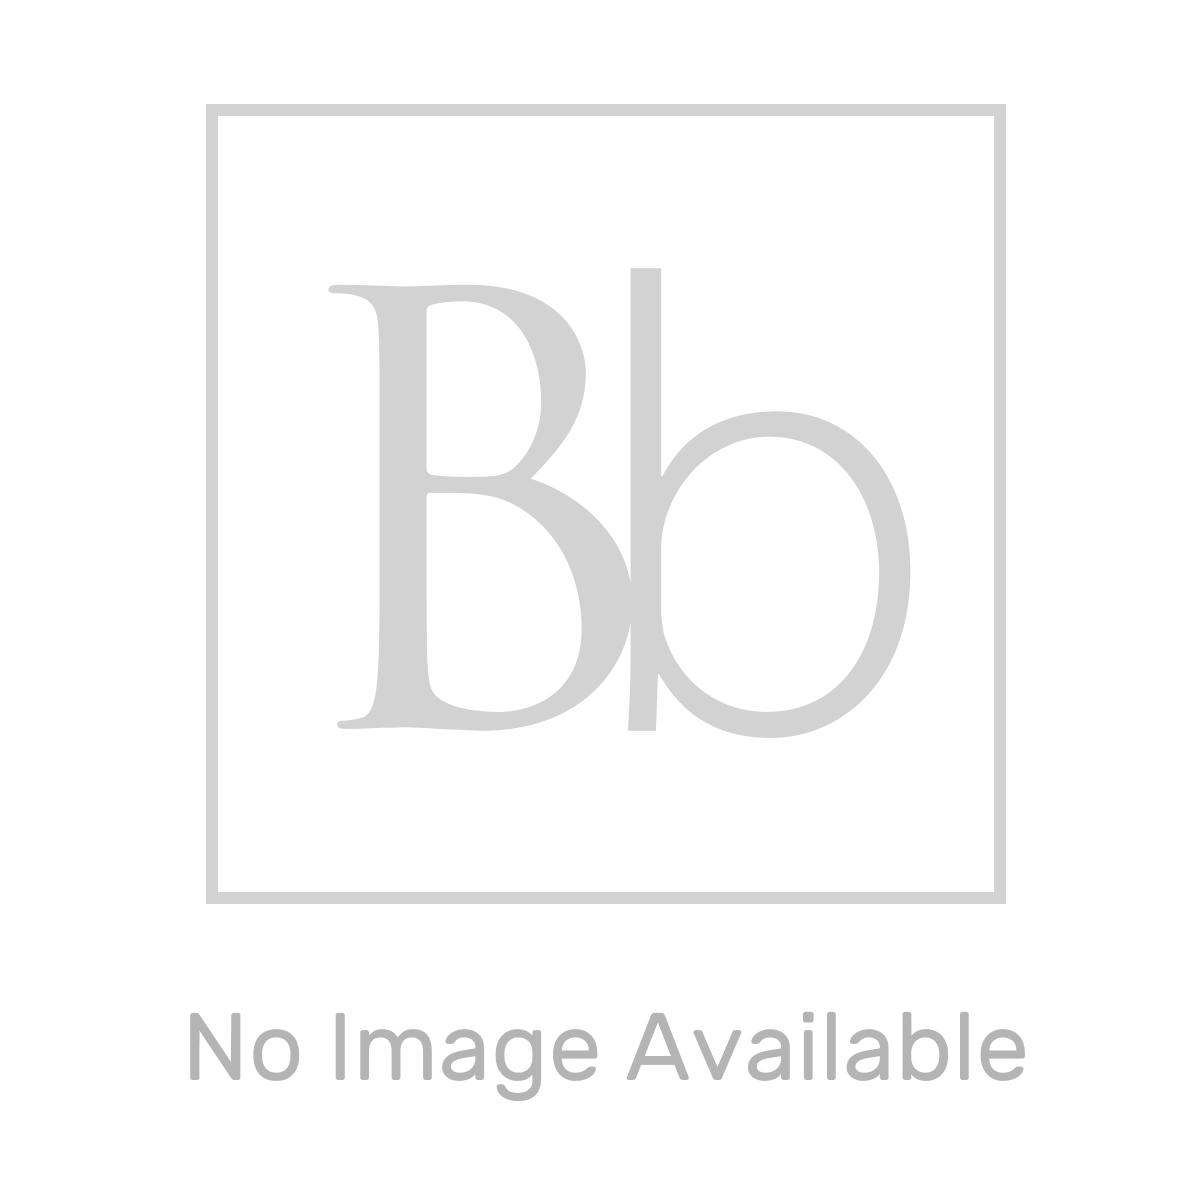 Croydex Euro Soap Dispenser Uno in White